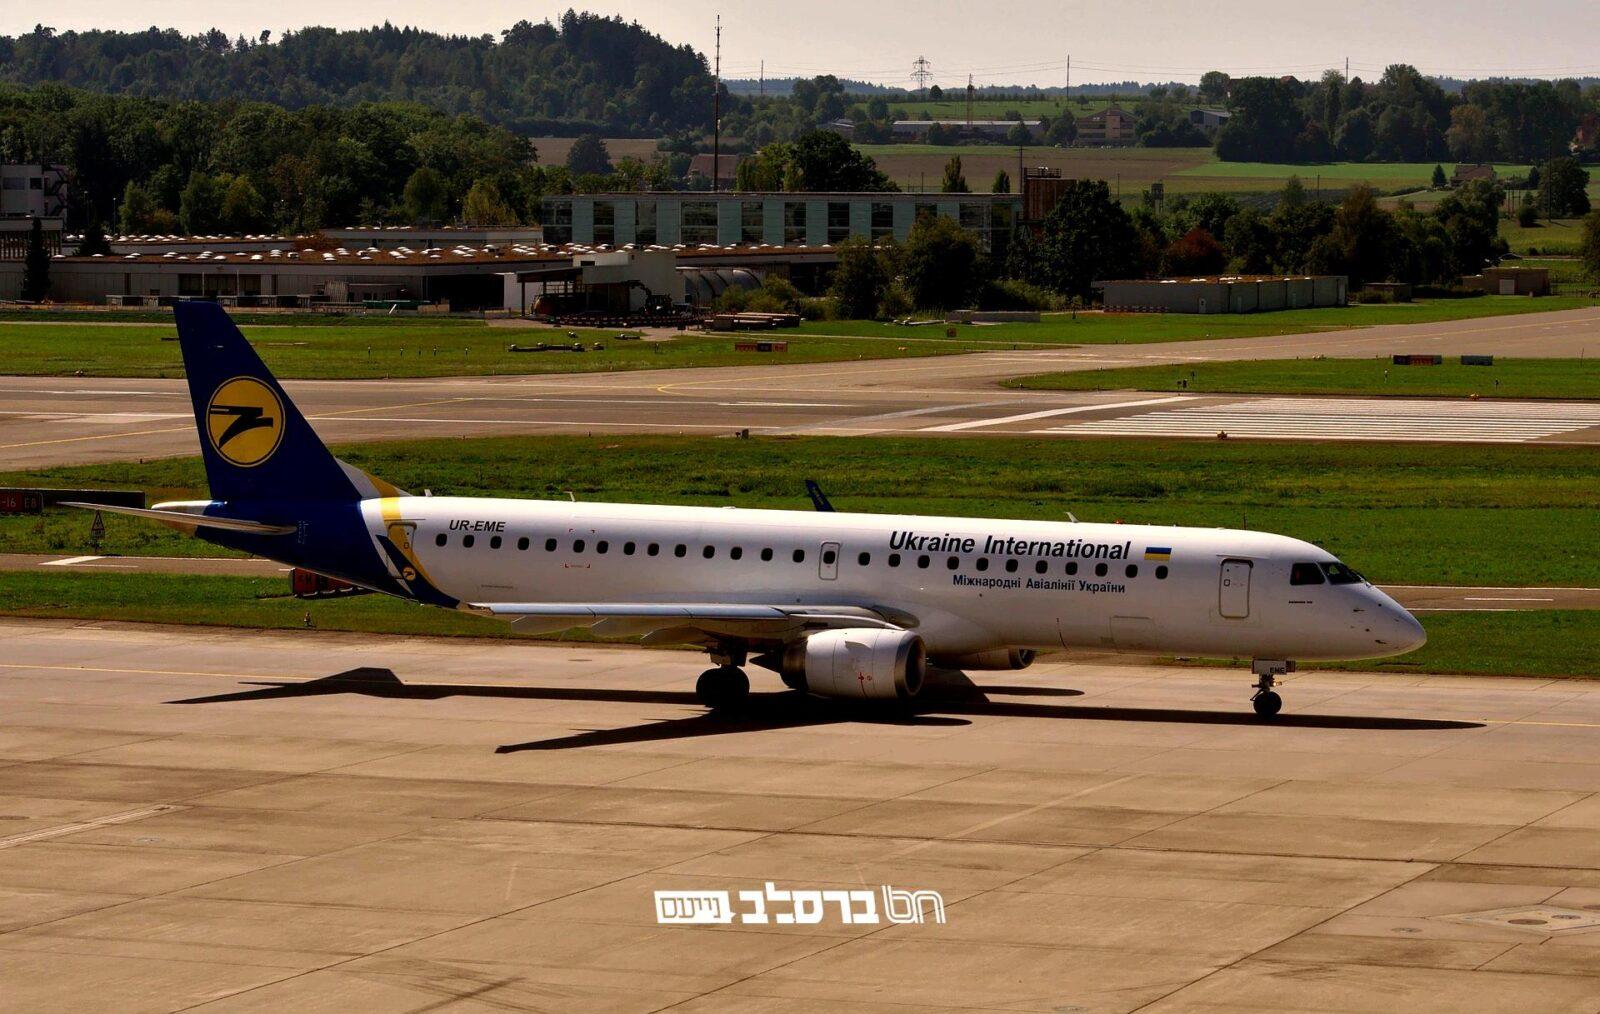 חברת התעופה UIA מציעה להתיר למחוסני קורונה כניסה חופשית לאוקראינה